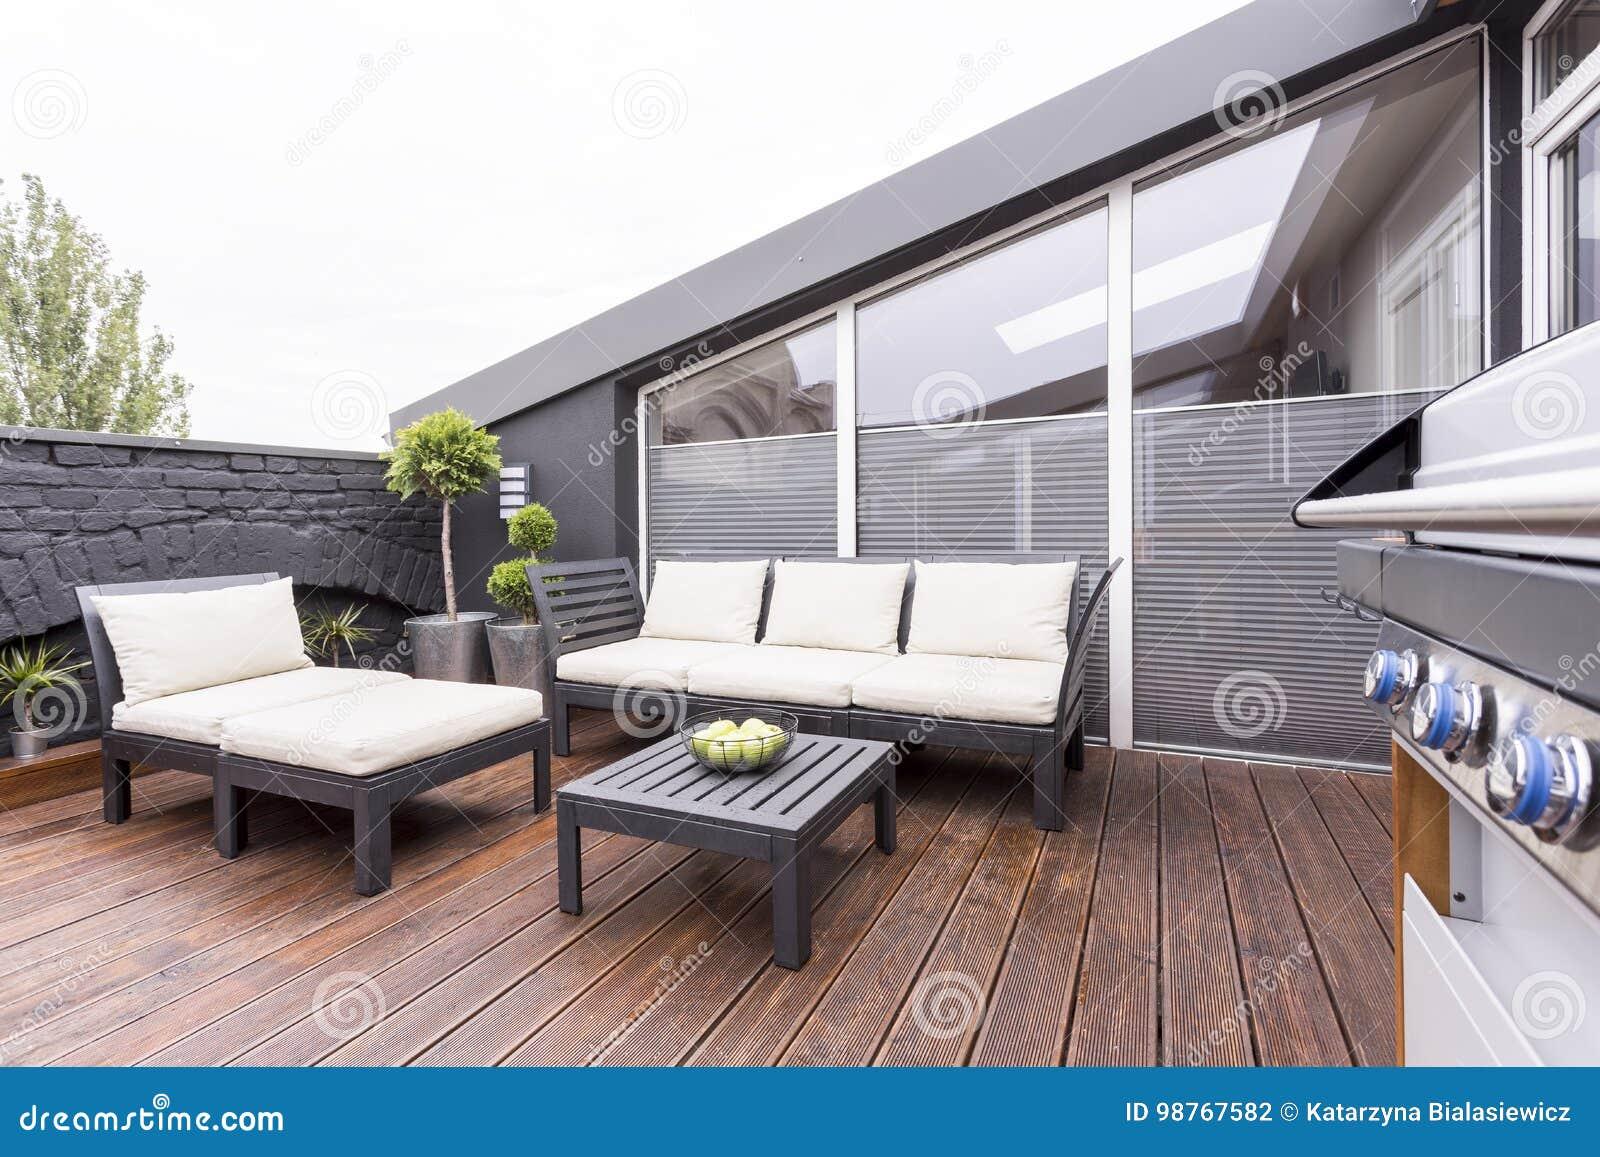 Stilvolle Terrasse Mit Gartenmöbeln Stockfoto Bild Von Balkon